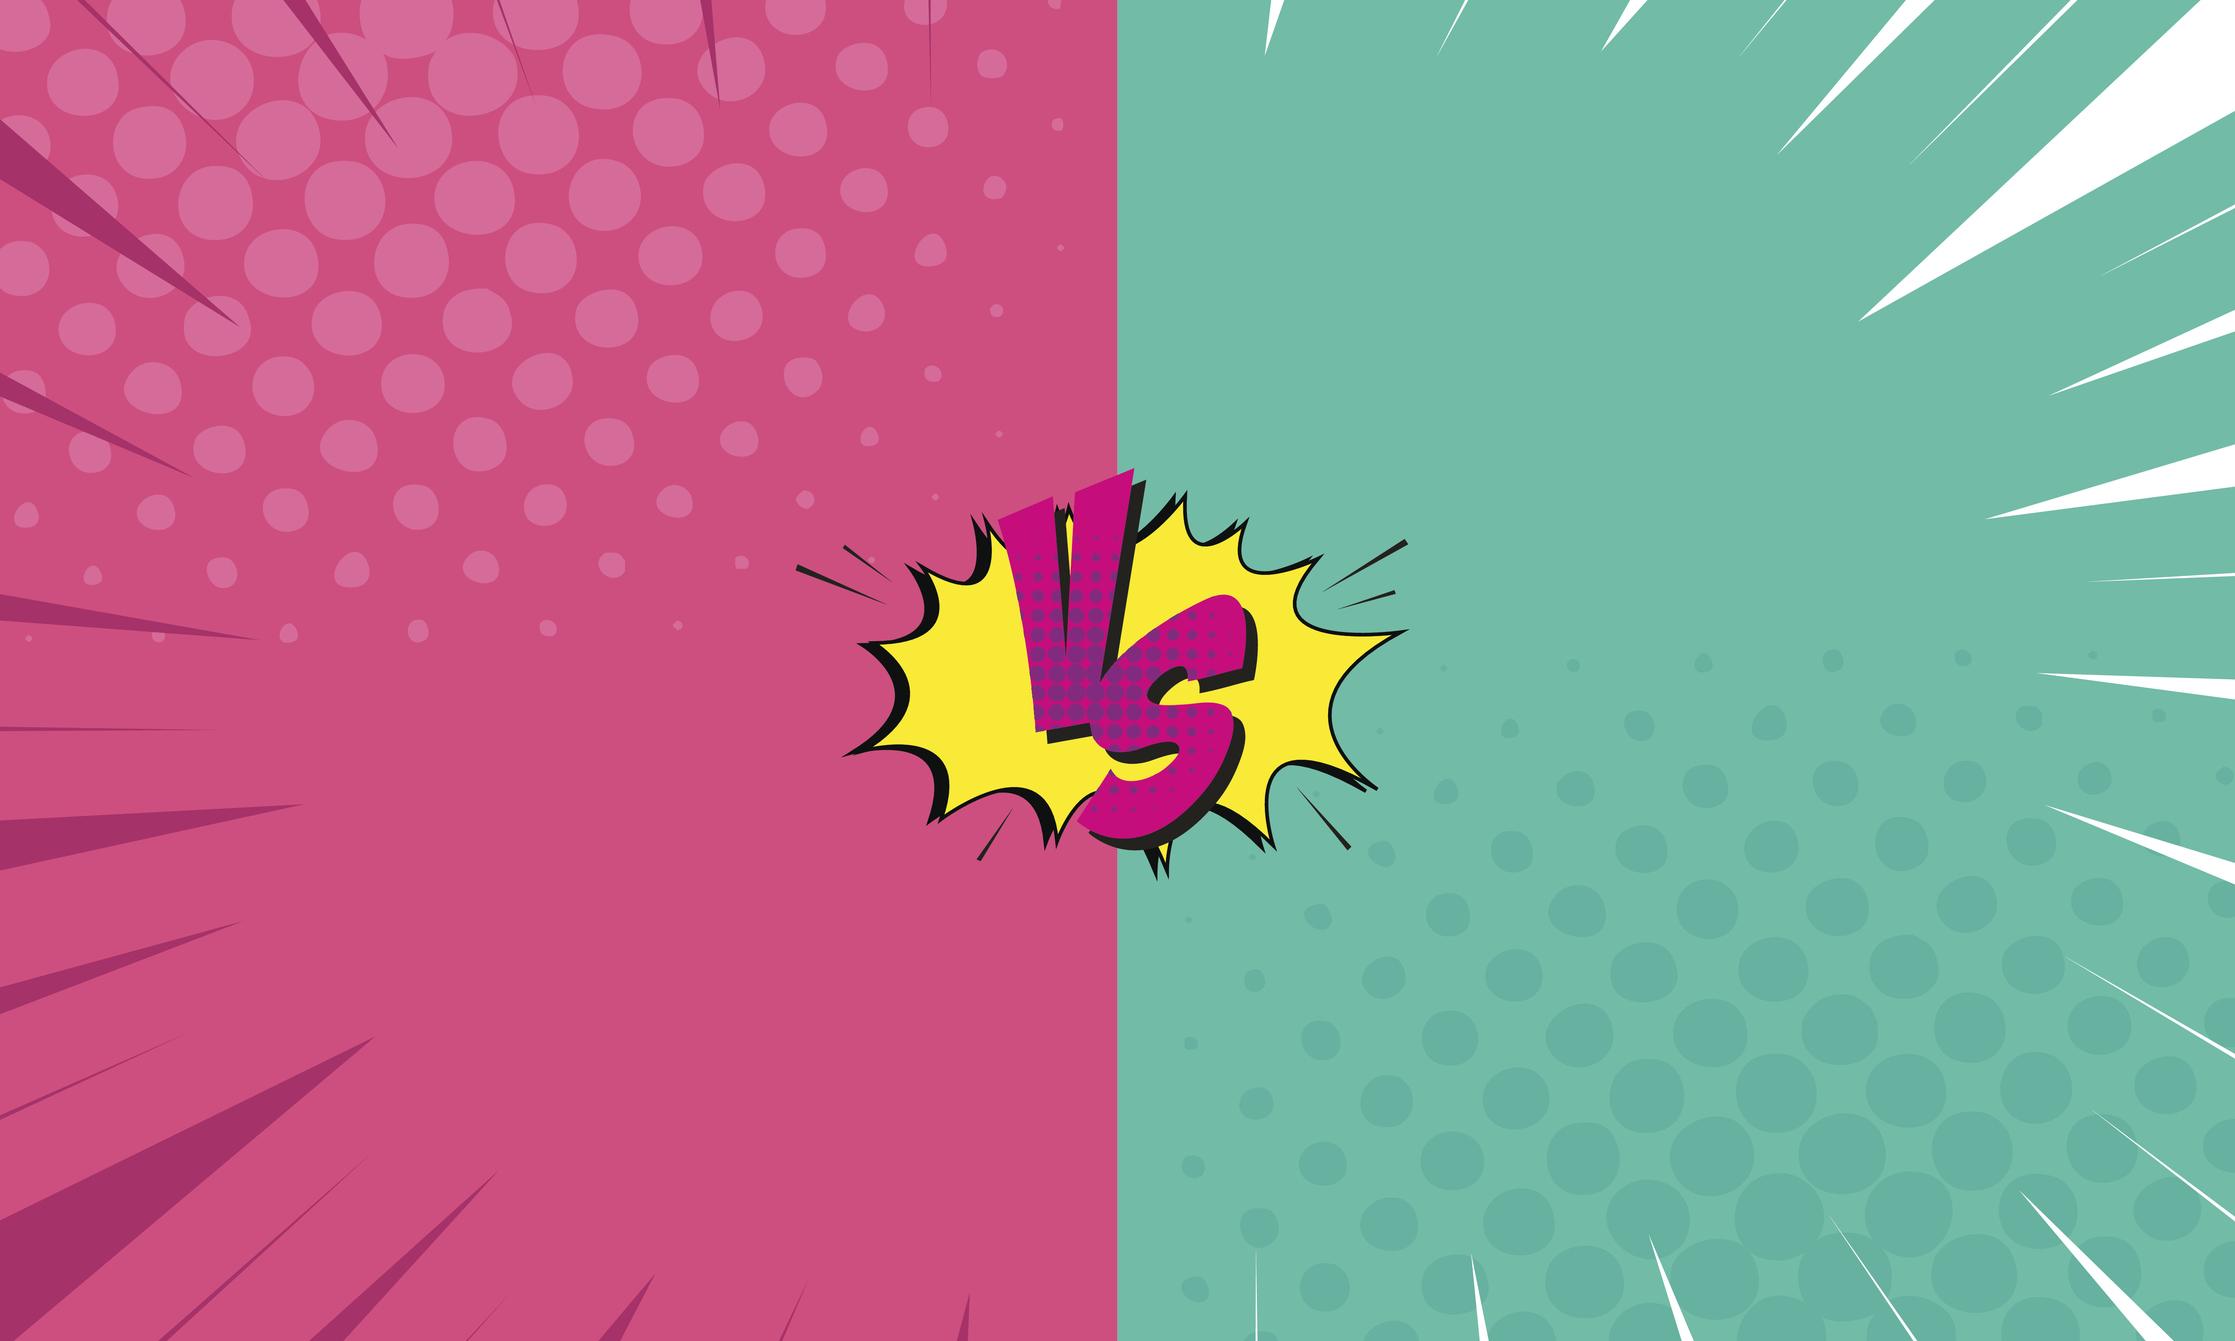 UQモバイル口座振替とBIGLOBEモバイル口座振替、どっちがおすすめ?